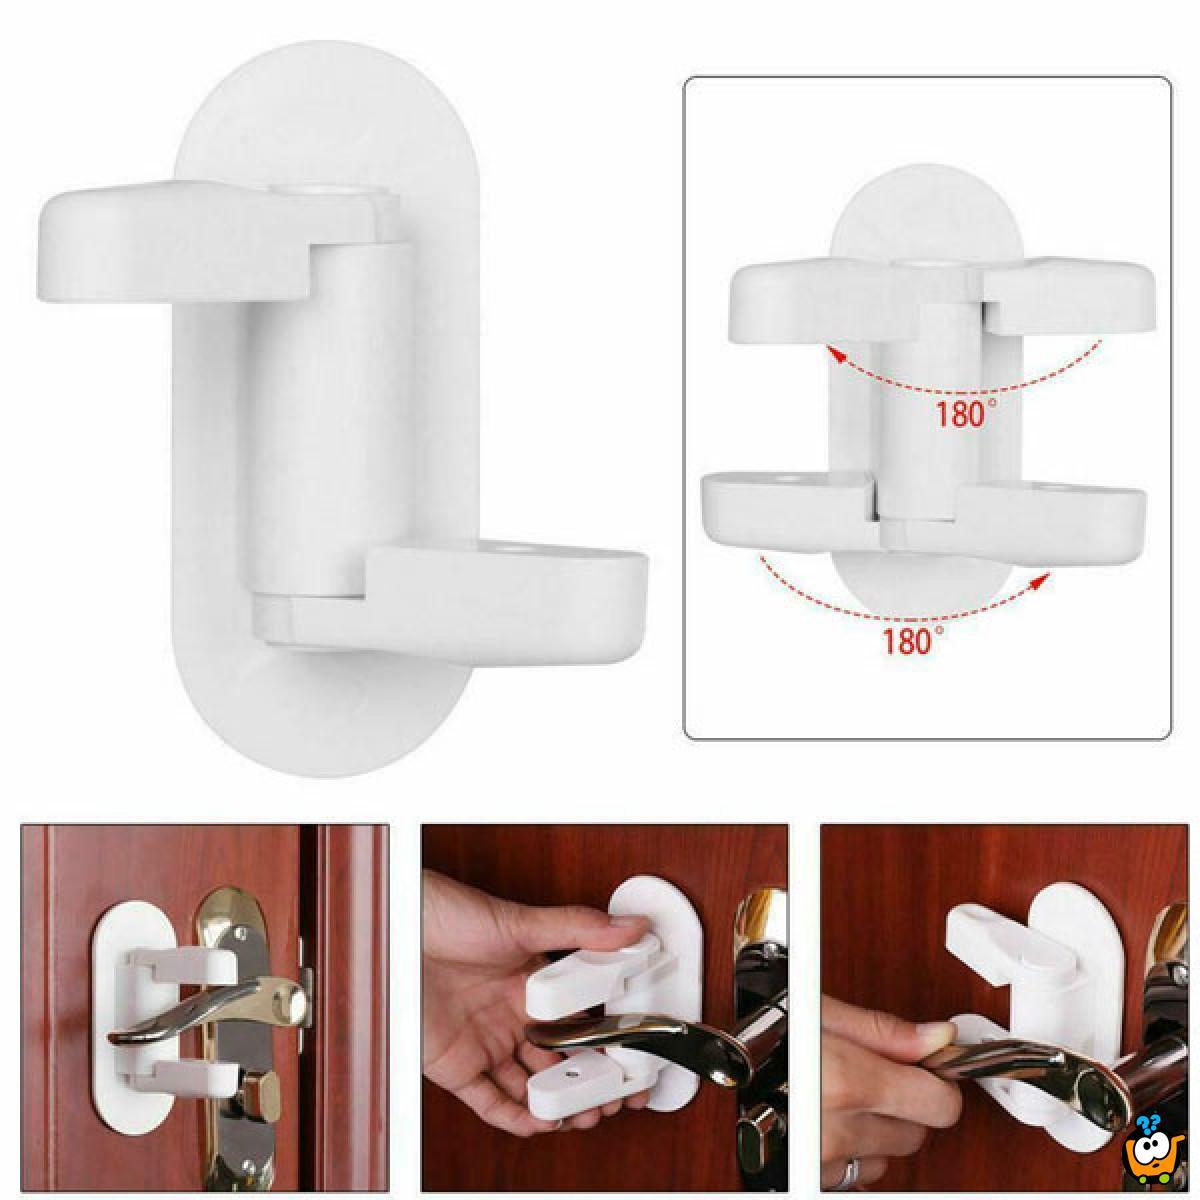 Door lever  lock - Praktična sigurnosna zaštita za vrata